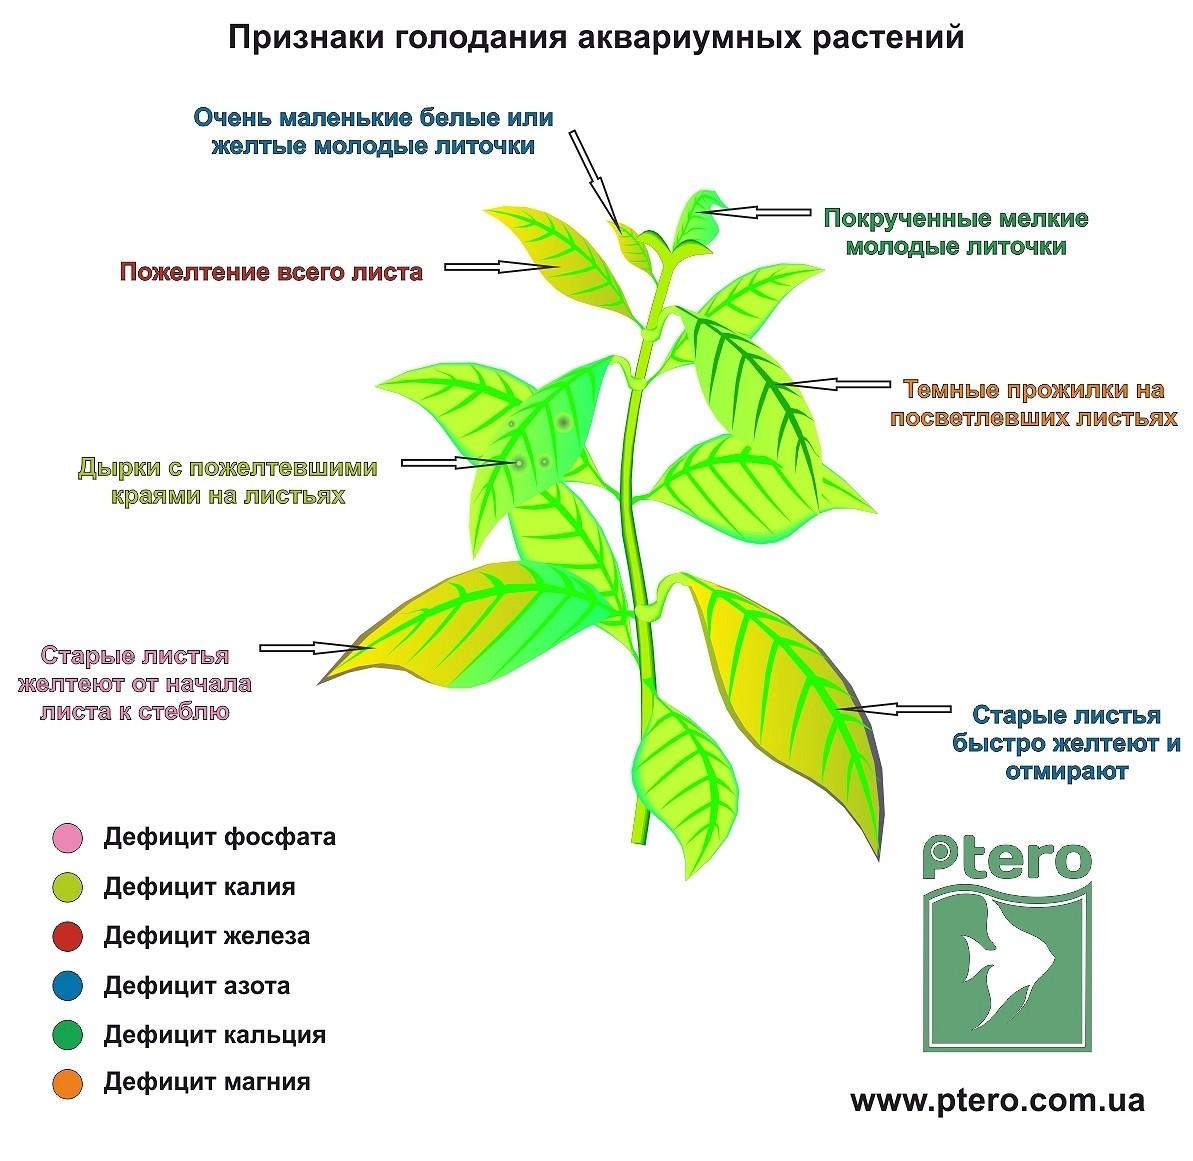 Желтеют листья у перца: причины, что делать, эффективные средства